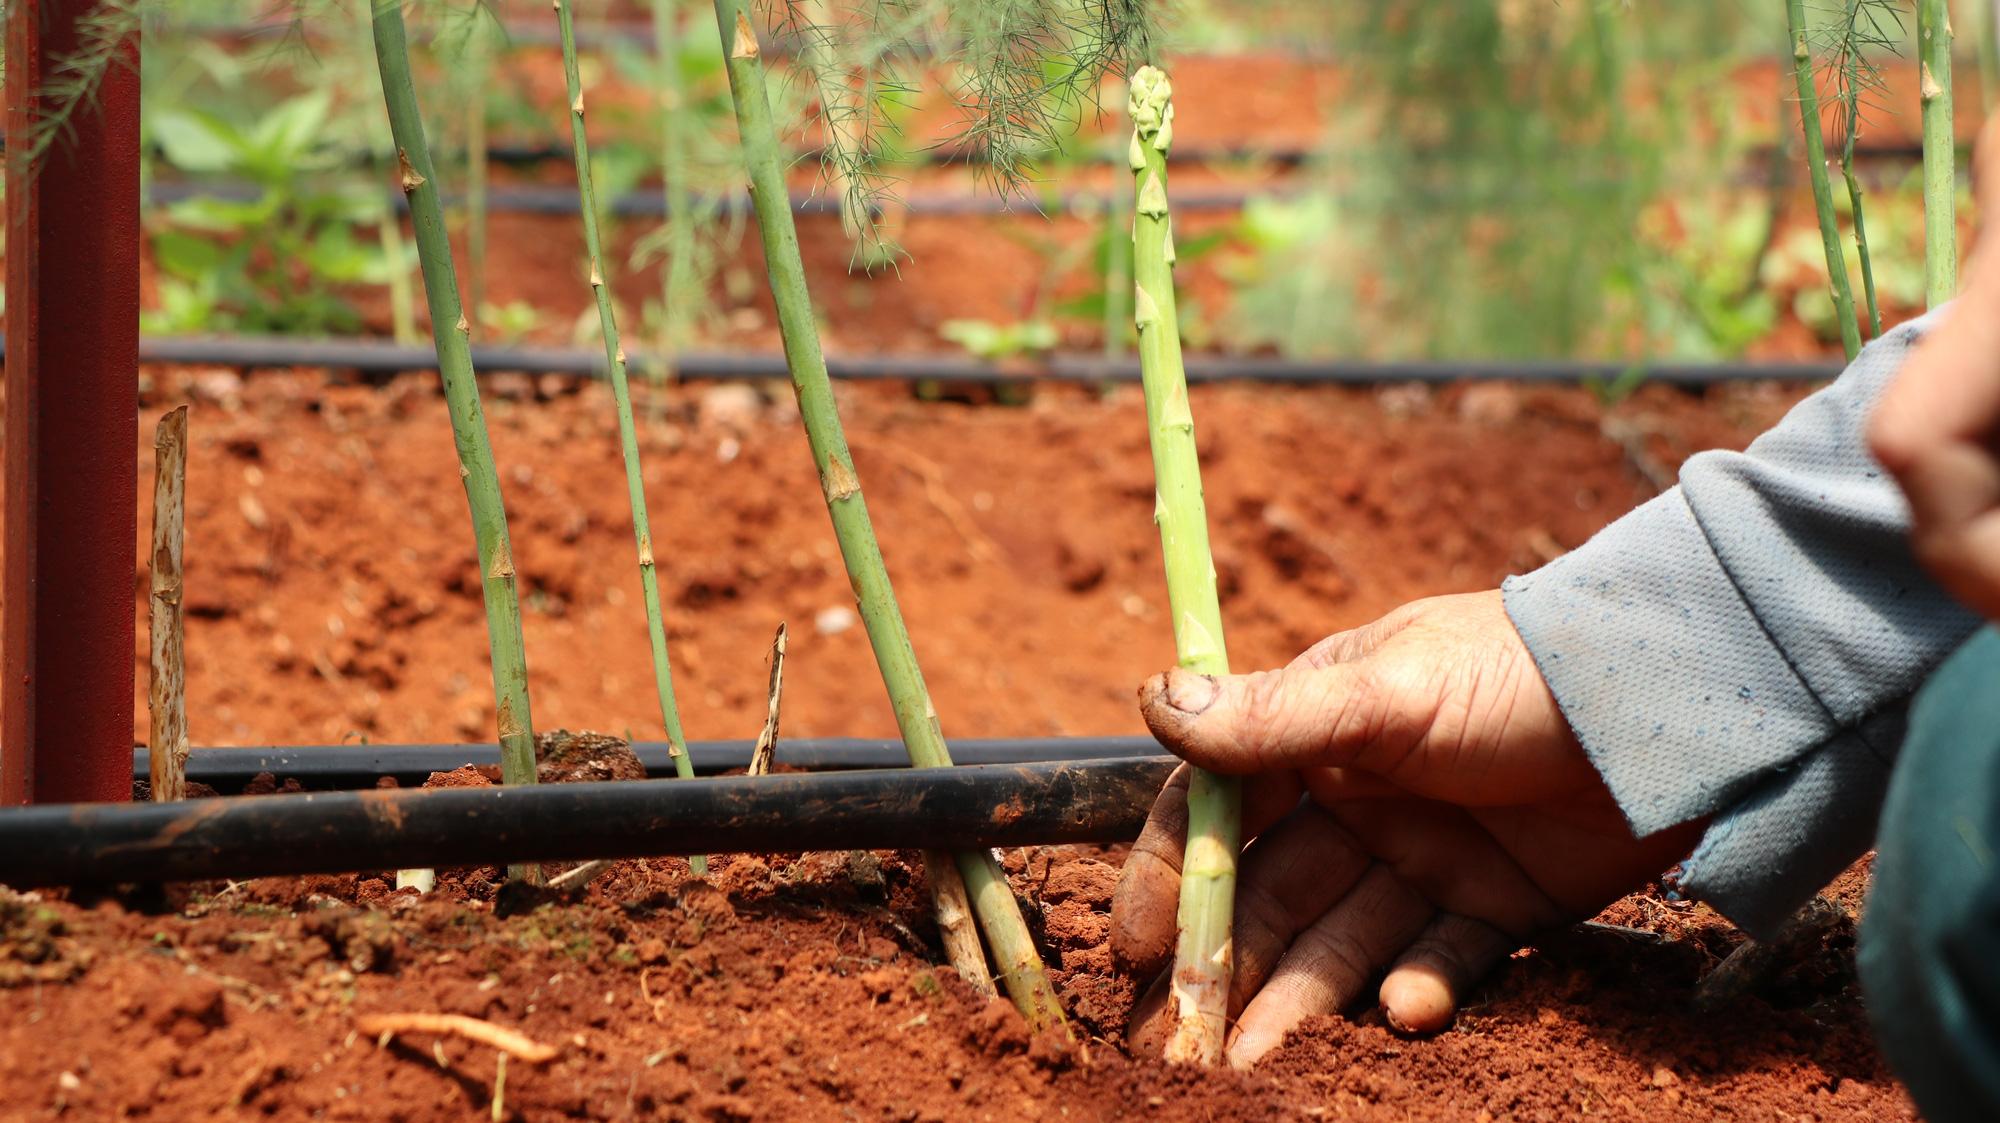 Đánh liều phá cà phê trồng măng tây, mỗi ngày thu 400kg, bán cho thương lái 60.000 đồng/kg - Ảnh 3.